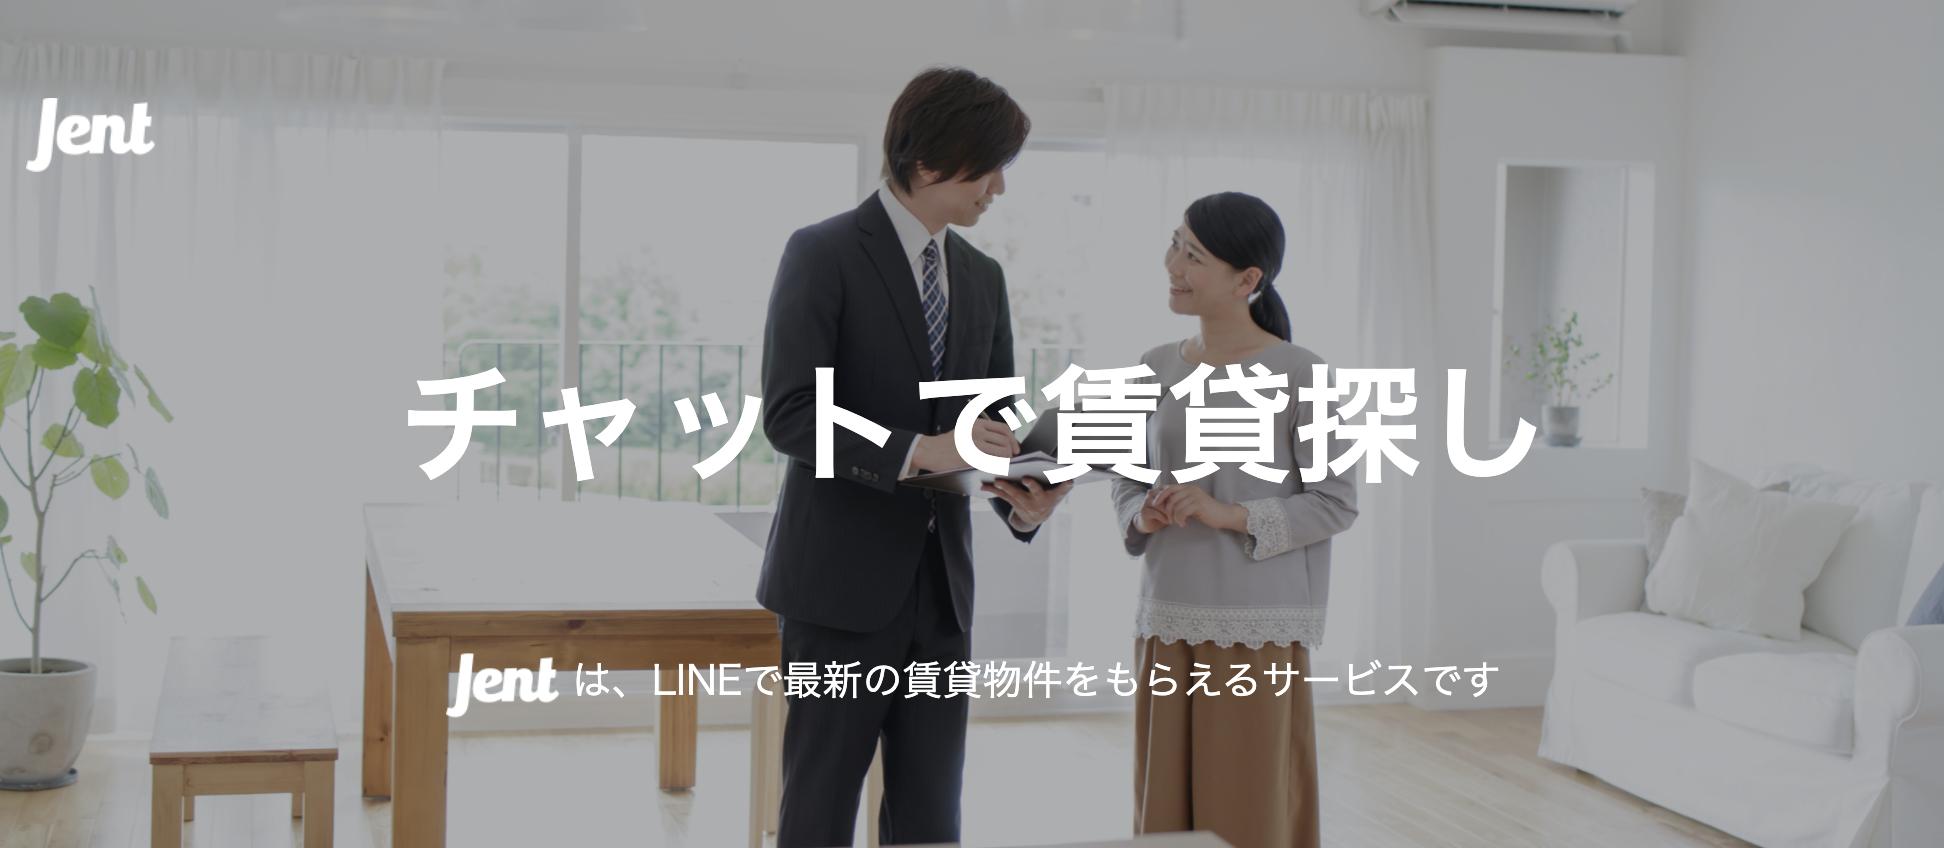 株式会社Jentのアシスタント / 事務インターン